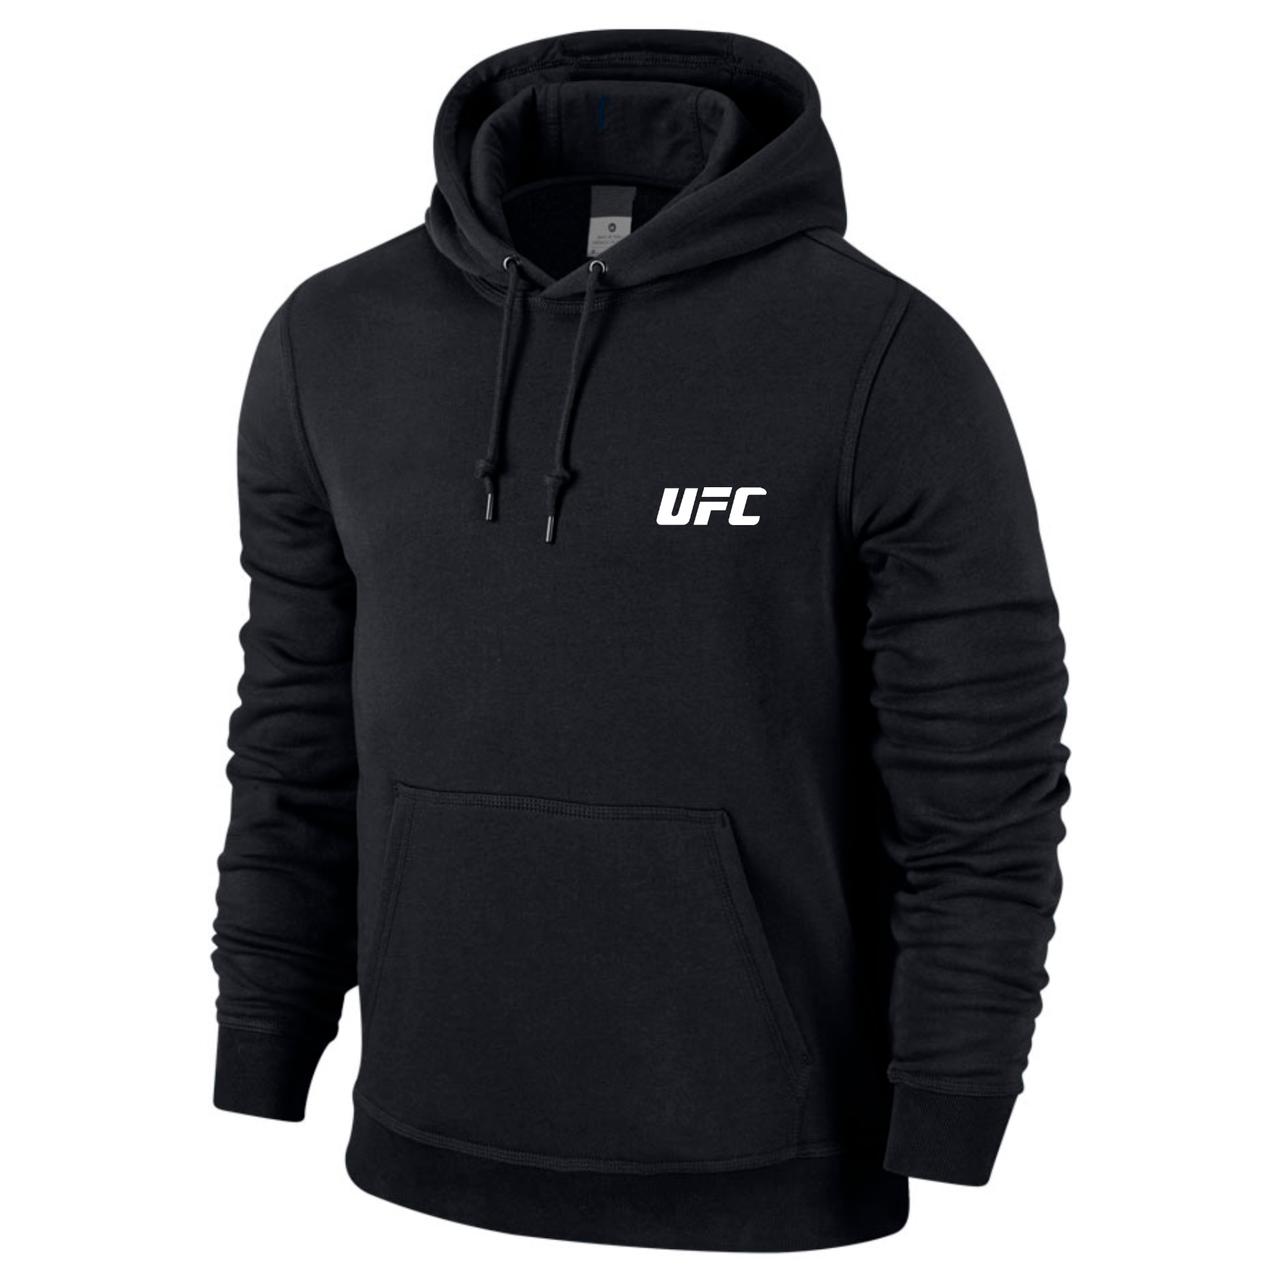 Спортивна чоловіча кофта UFC, чорна